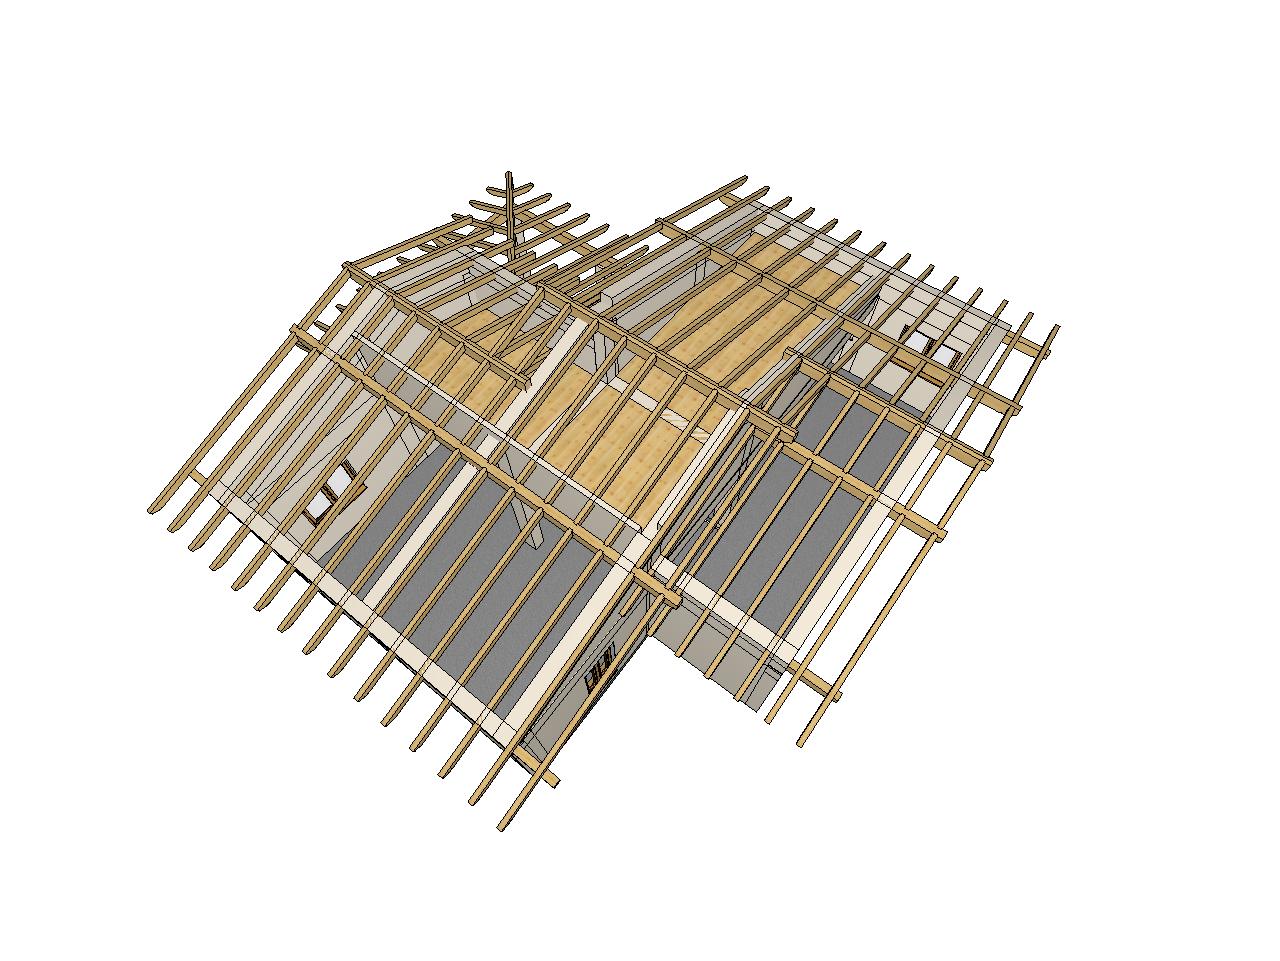 Progetto Capriata In Legno strutture in legno